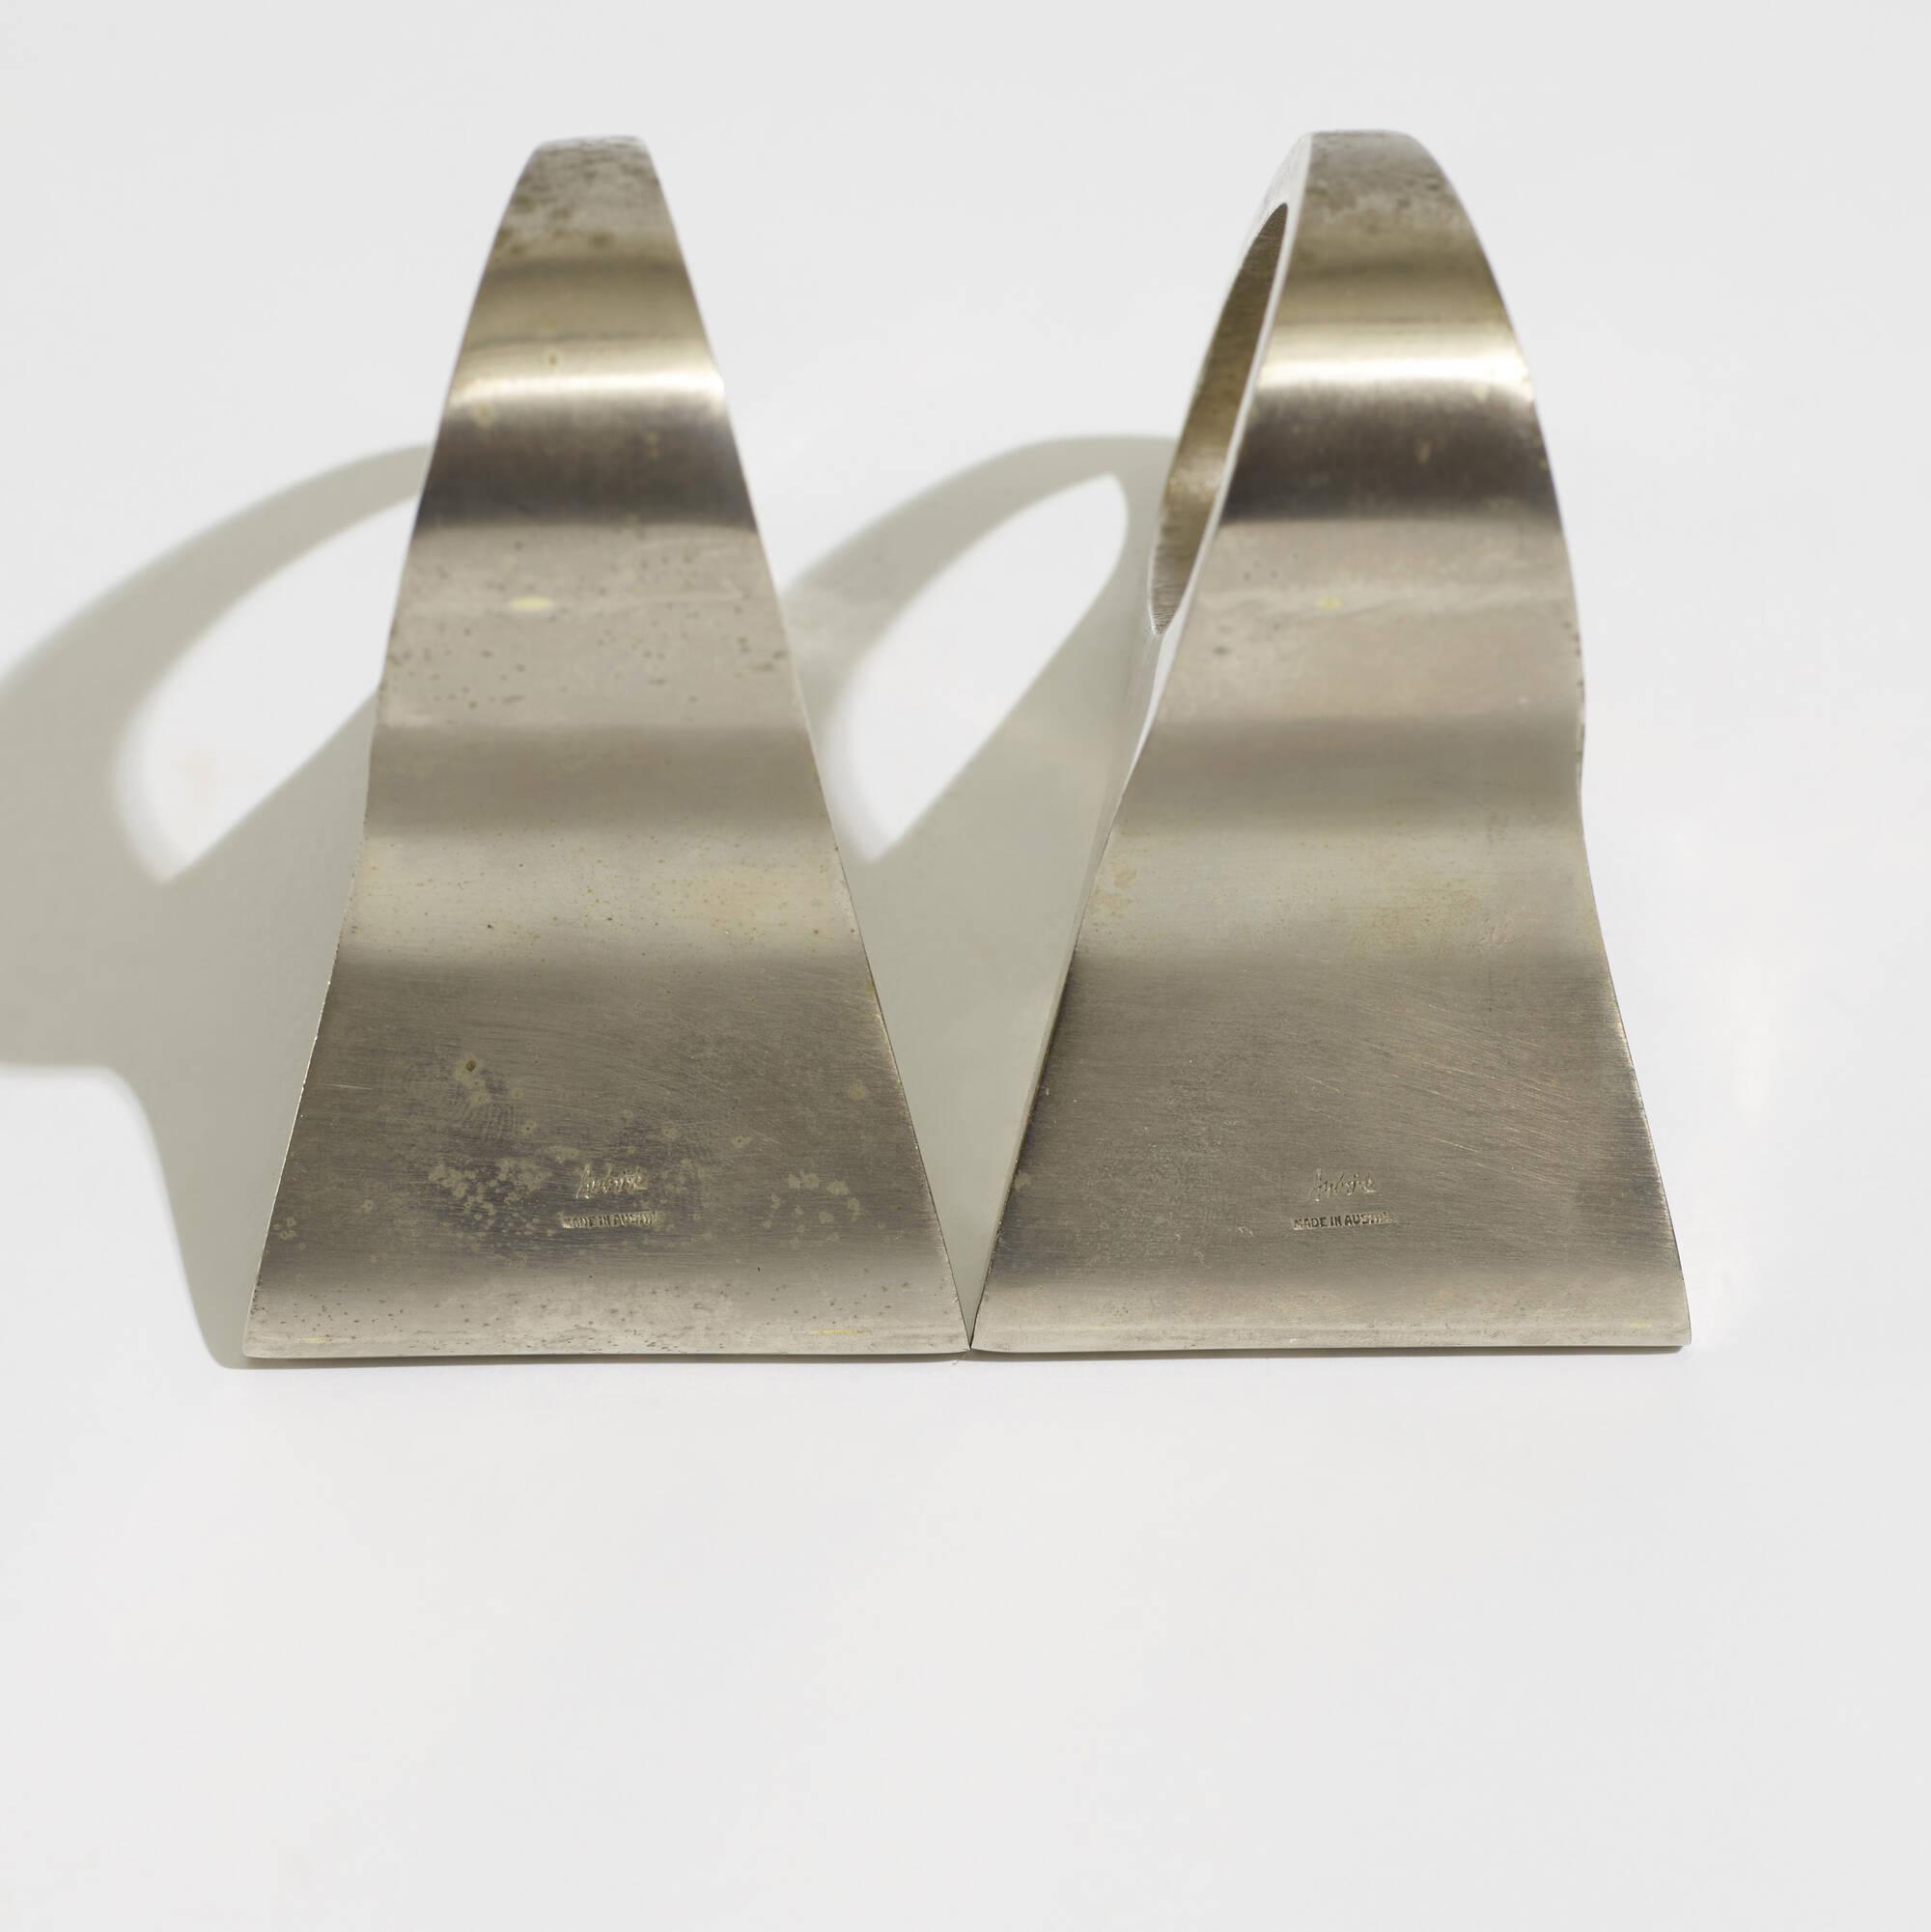 144: Carl Auböck II / custom bookends, pair (4 of 4)